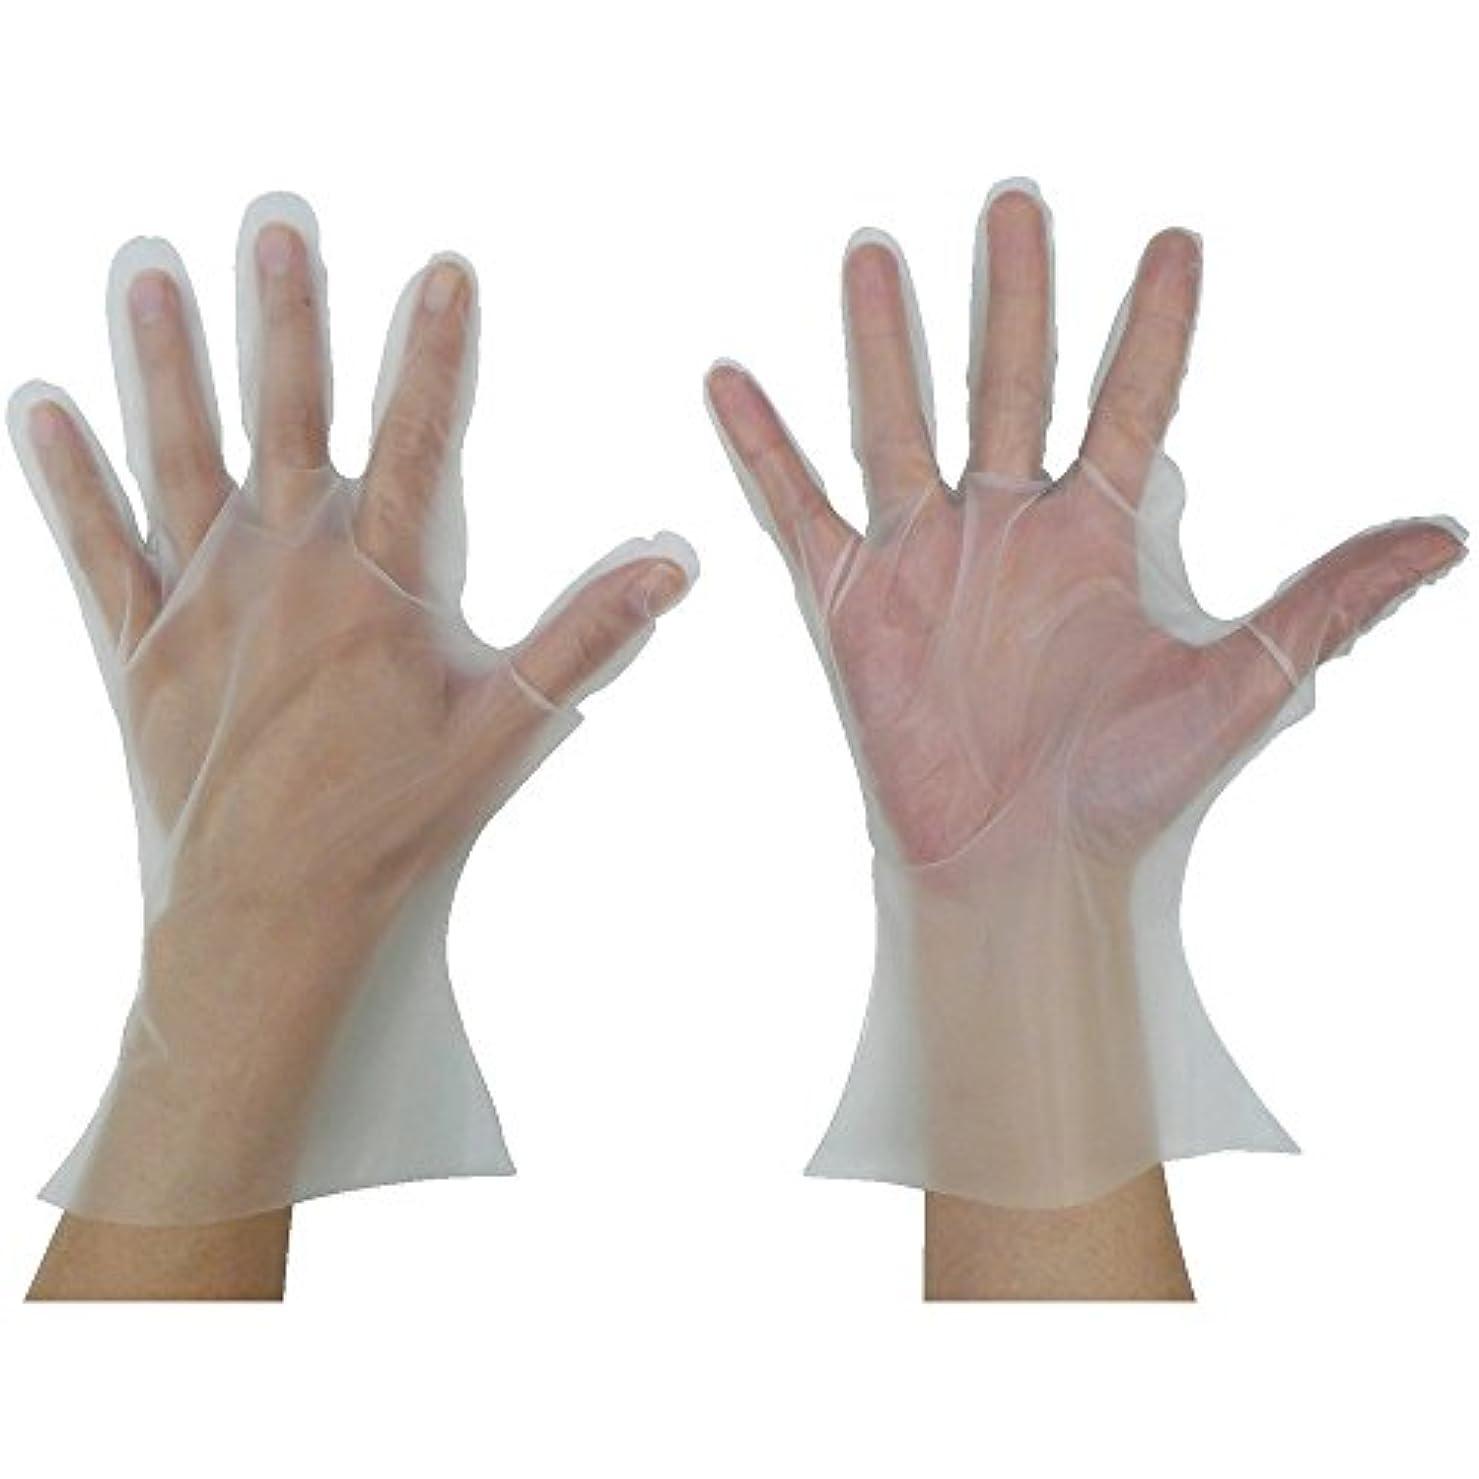 気怠い廃棄する受粉者東京パック マイジャストグローブエコノミー化粧箱ML 半透明 MJEK-ML ポリエチレン使い捨て手袋